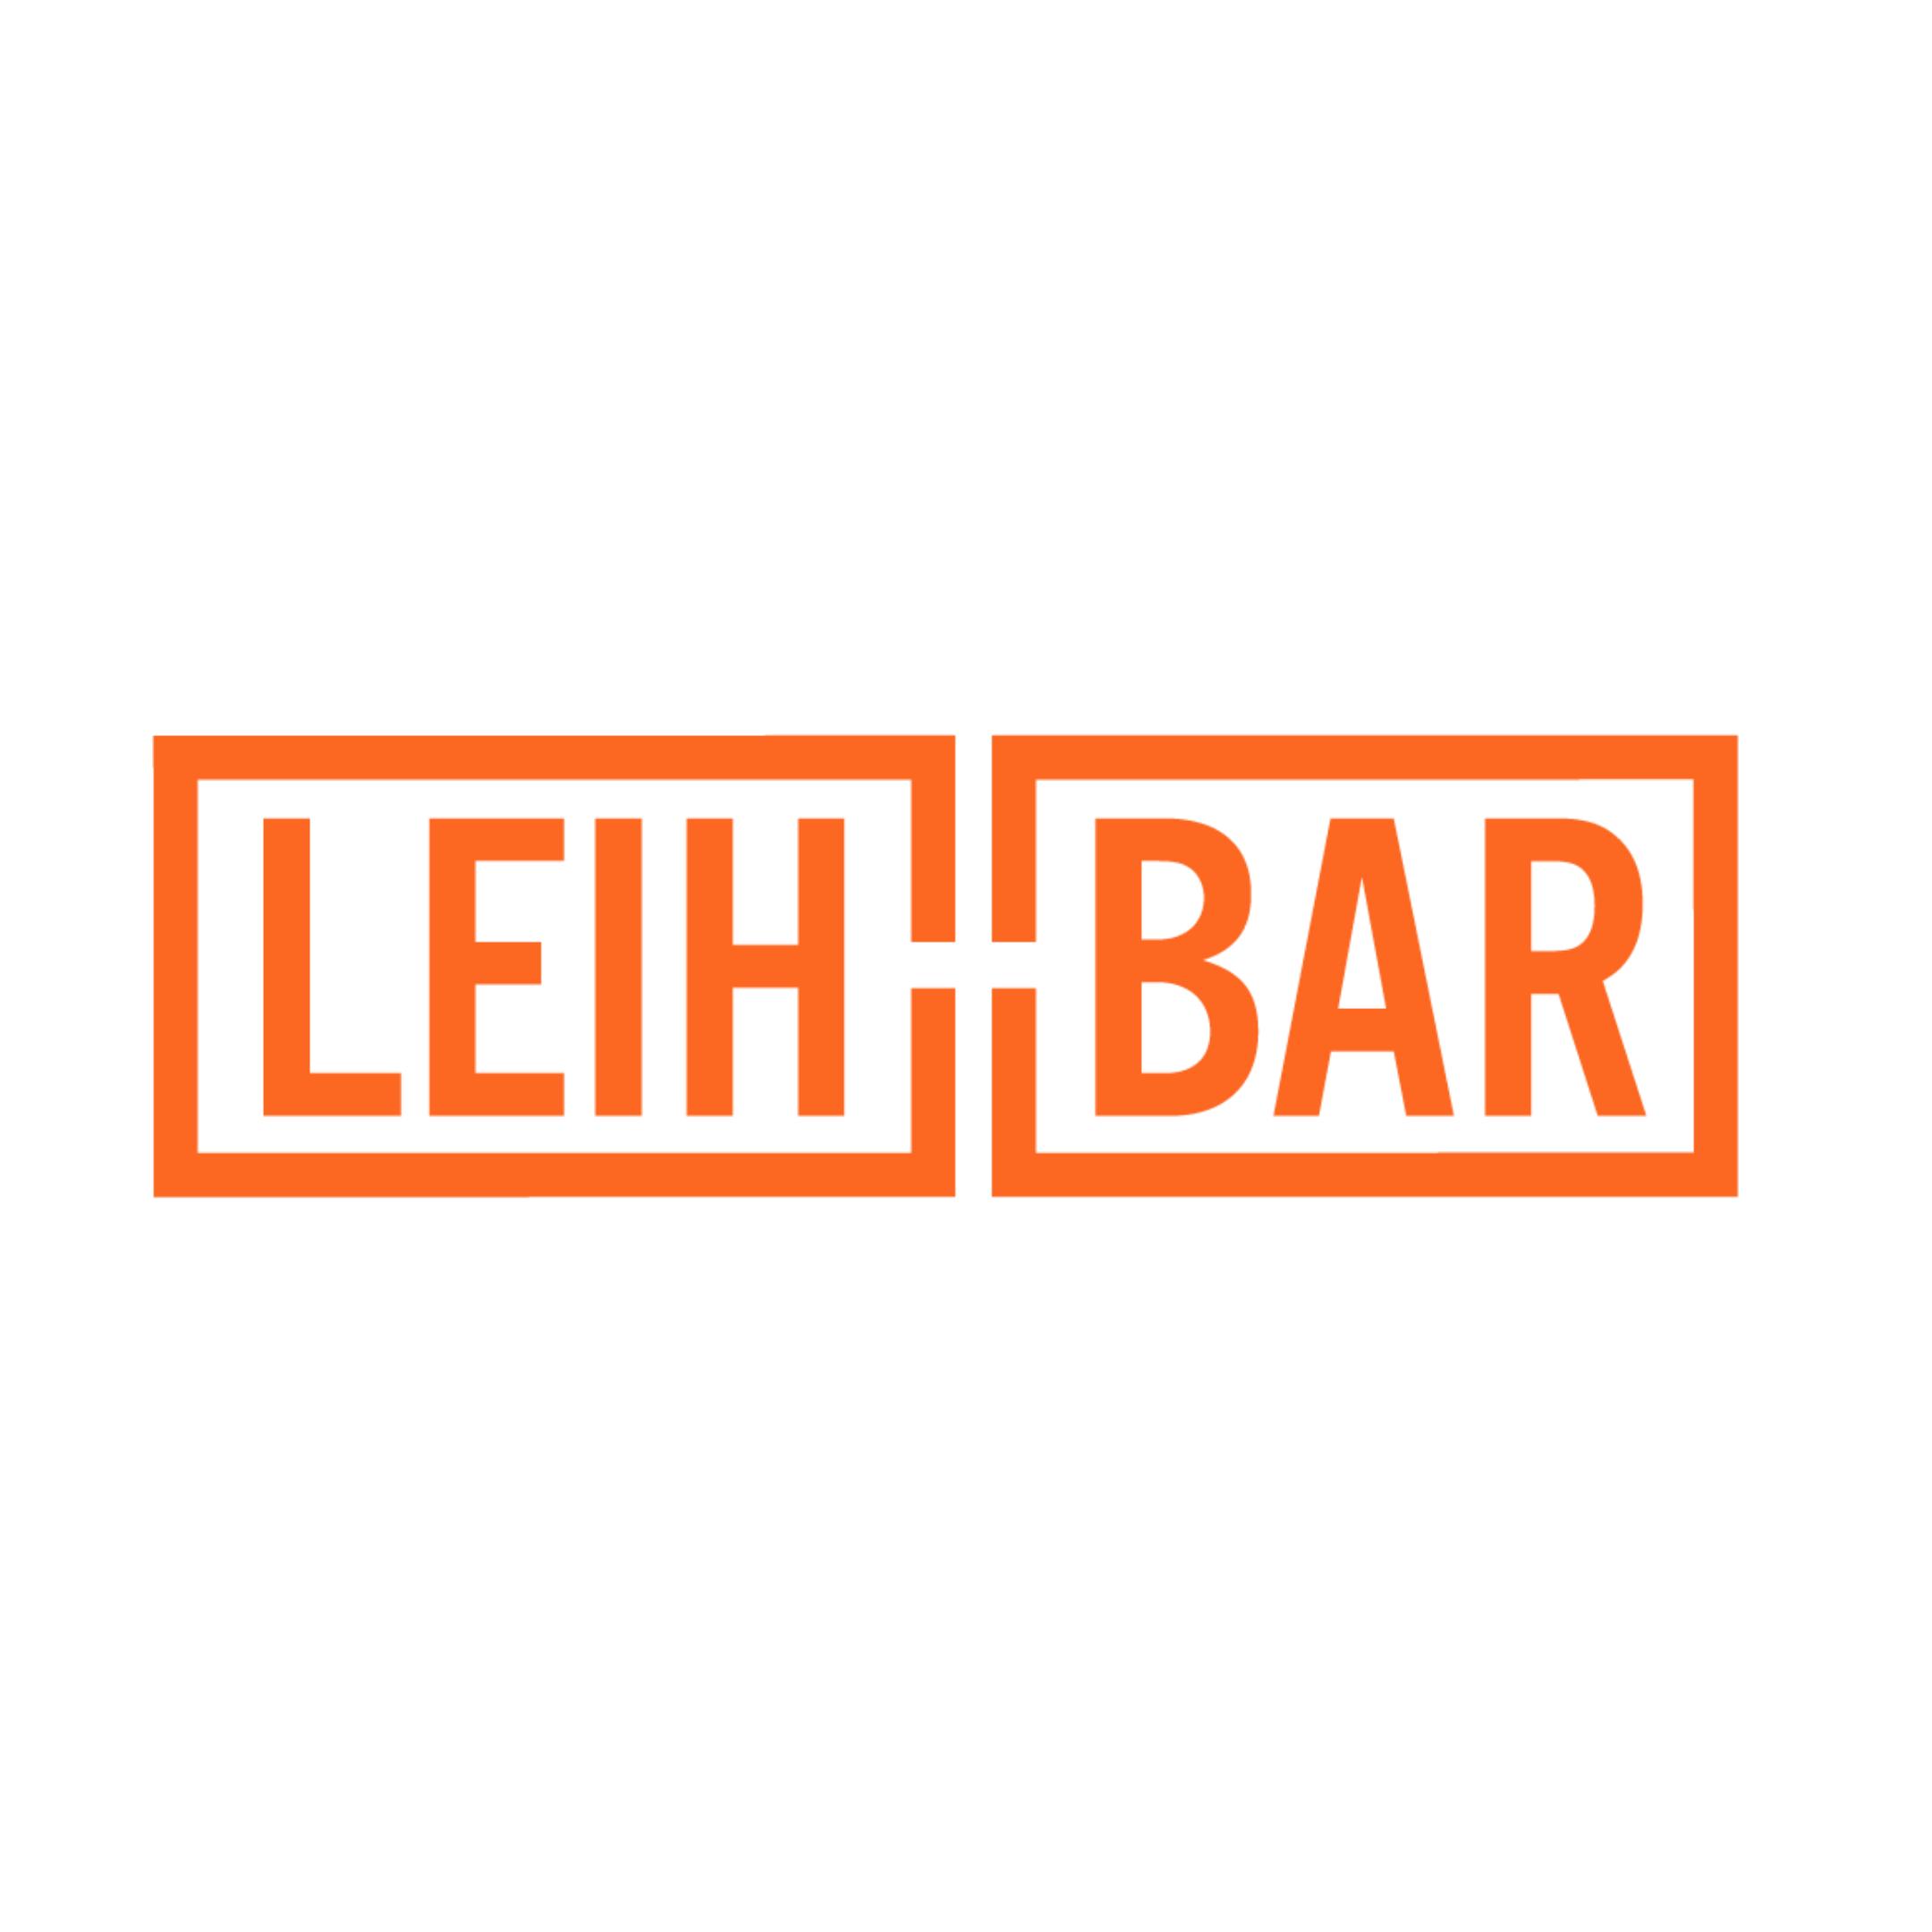 LeihBar Wabern